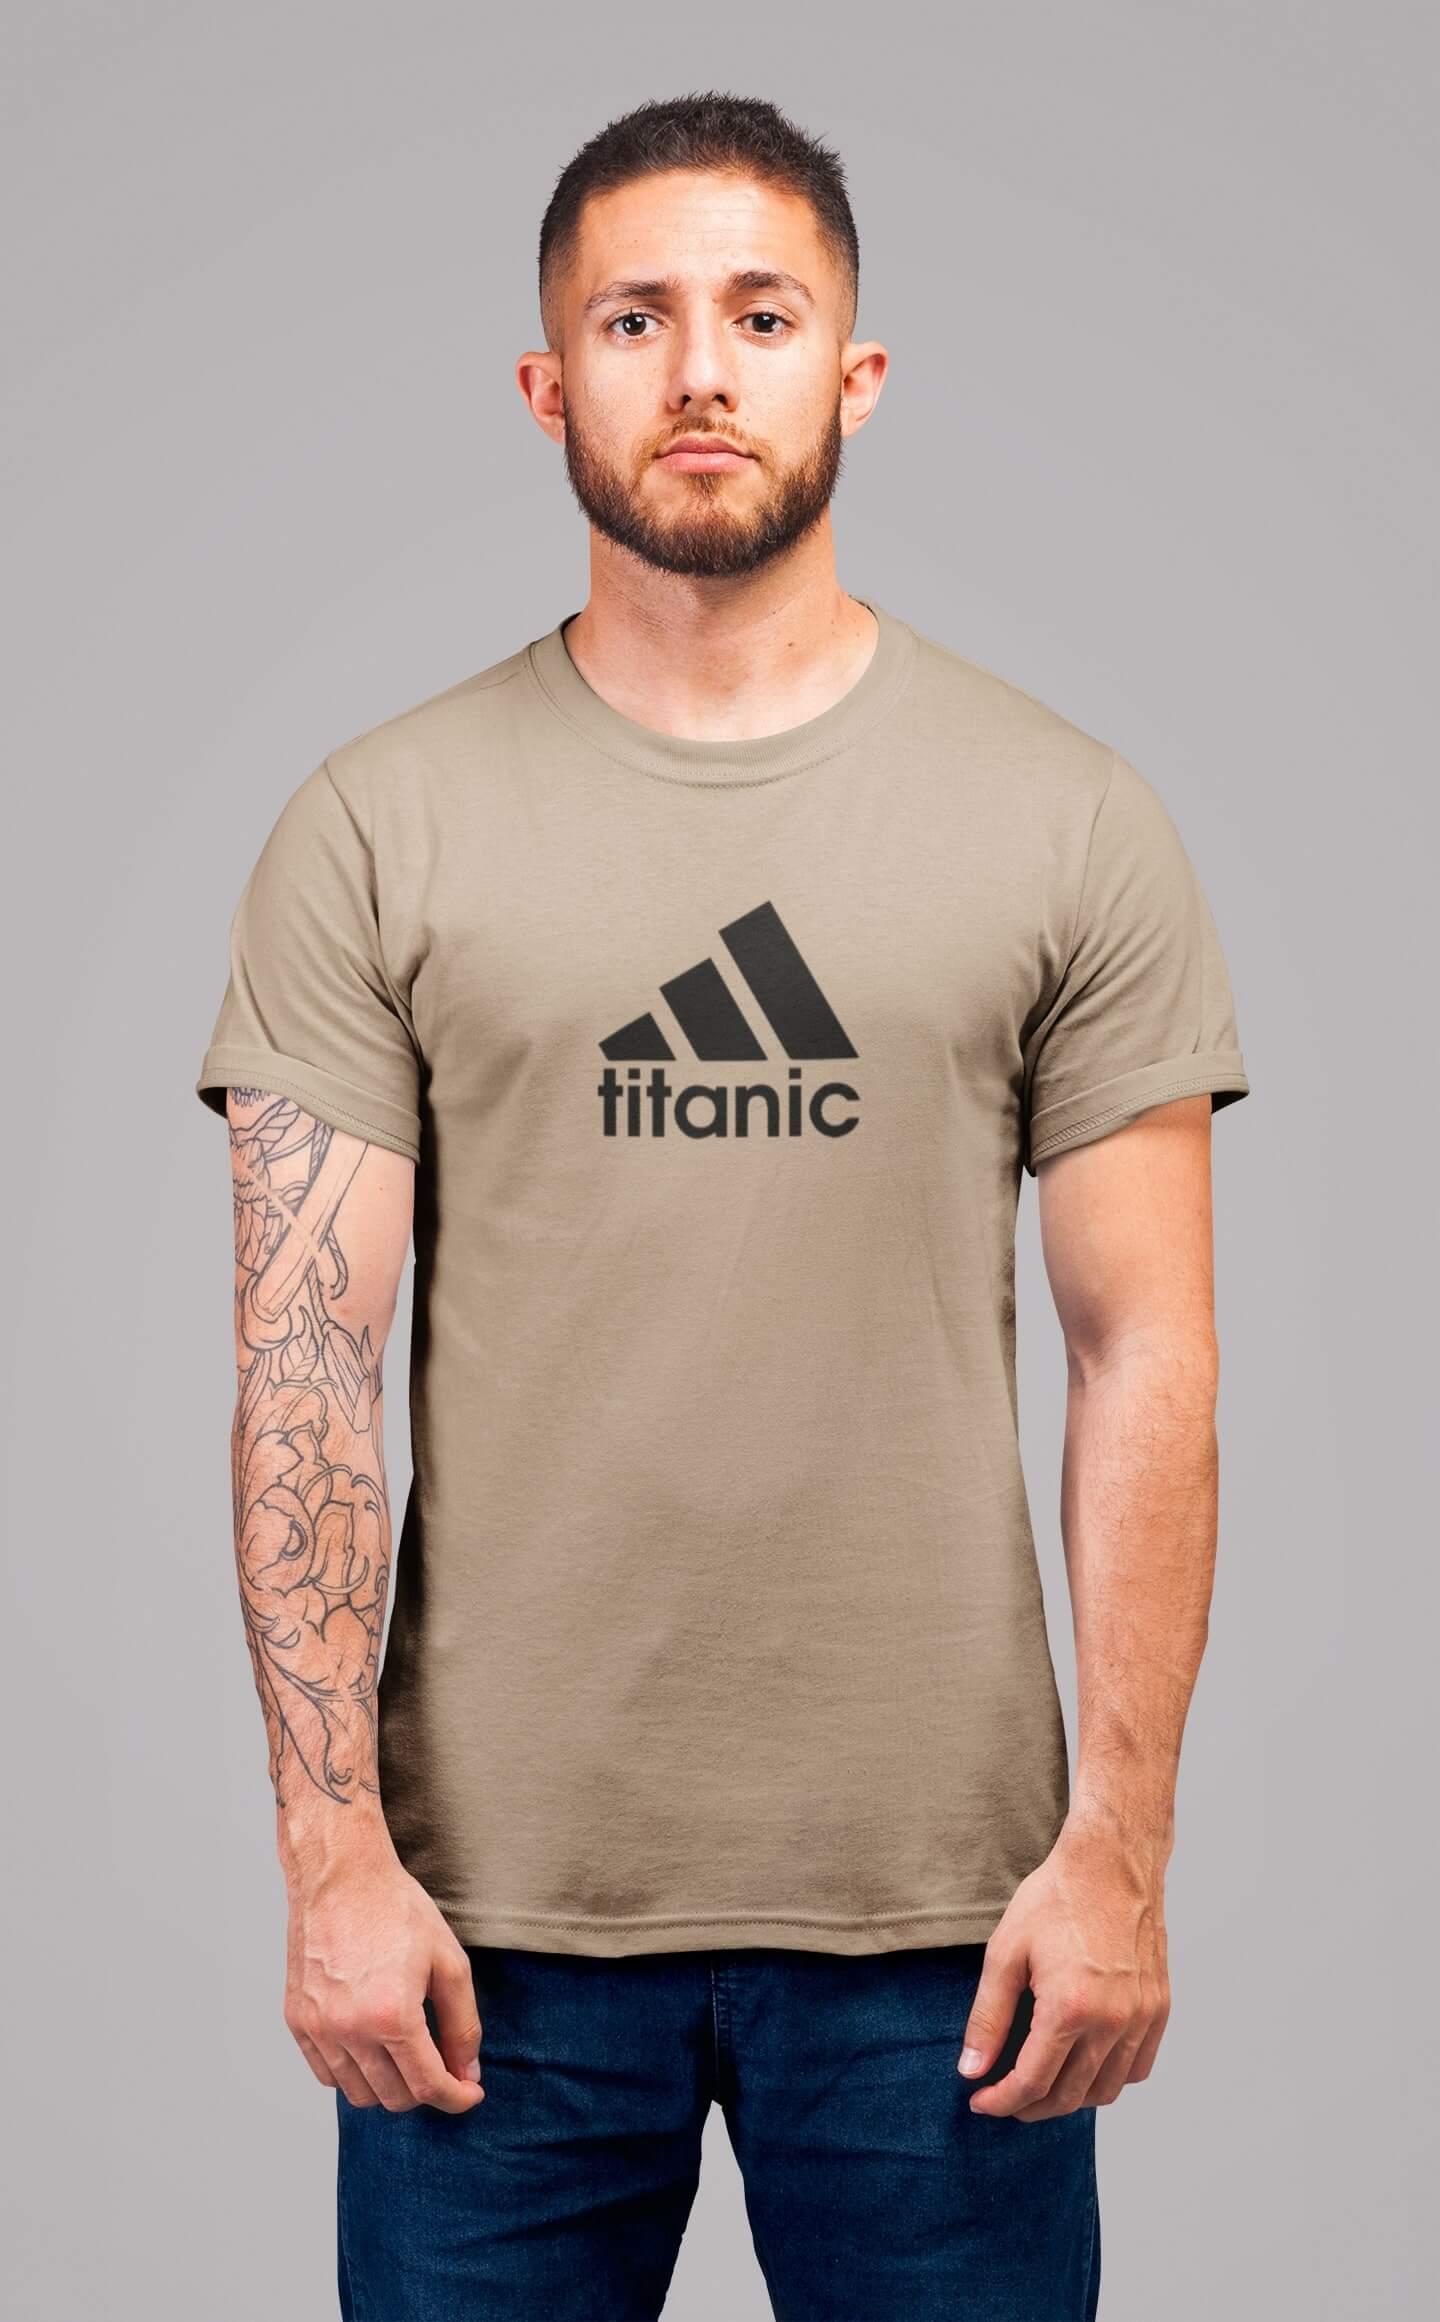 MMO Pánske tričko Titanic Vyberte farbu: Piesková, Vyberte veľkosť: XL